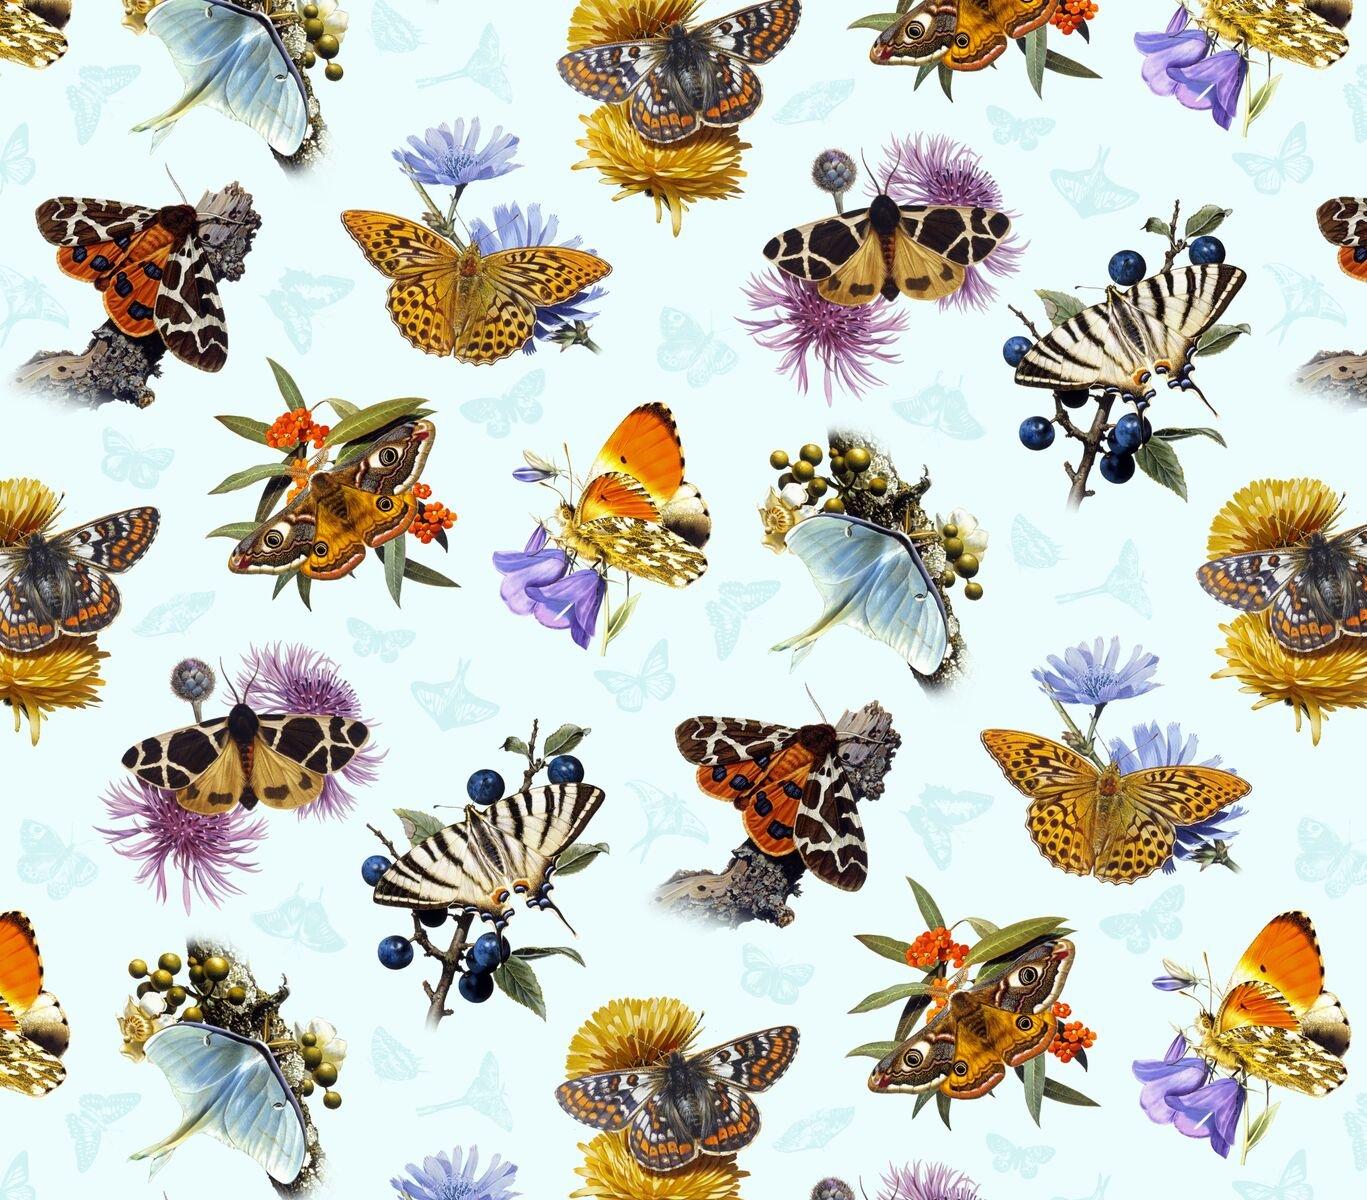 PROMO* ES-Butterflies and Moths 9801 Butterflies, Moths, Flowers - Sky Blue